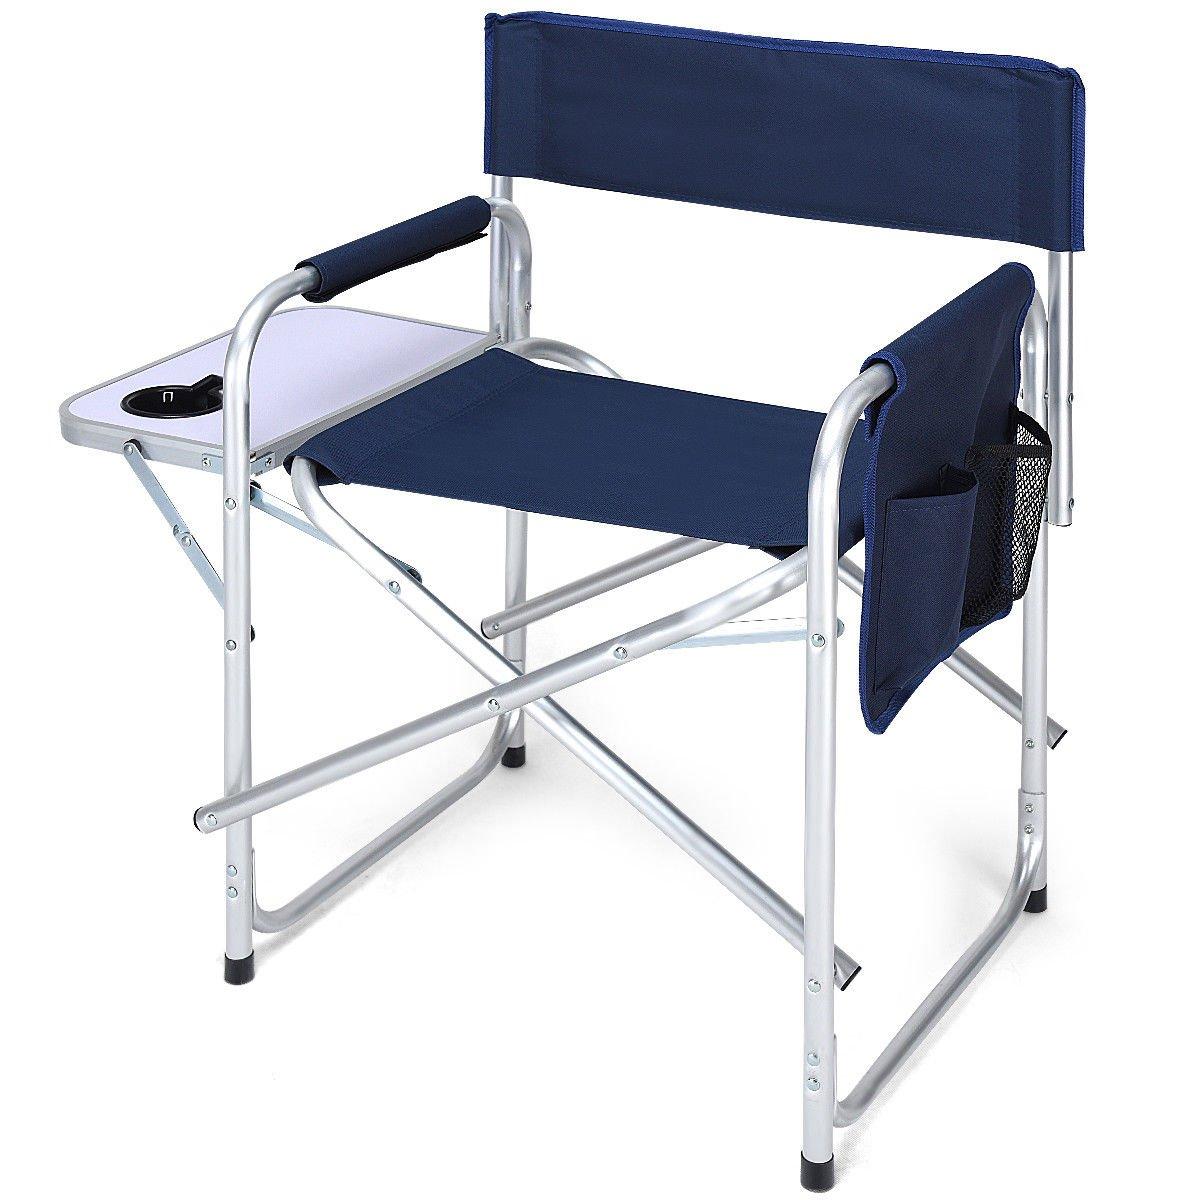 早い者勝ち Director's Chair サイドテーブル アウトドア 折りたたみ式 Chair キャンプ 釣り B07DCS6FX7 カップホルダー付き 折りたたみ式 ネイビー B07DCS6FX7, 藤イチ:141cda44 --- arianechie.dominiotemporario.com